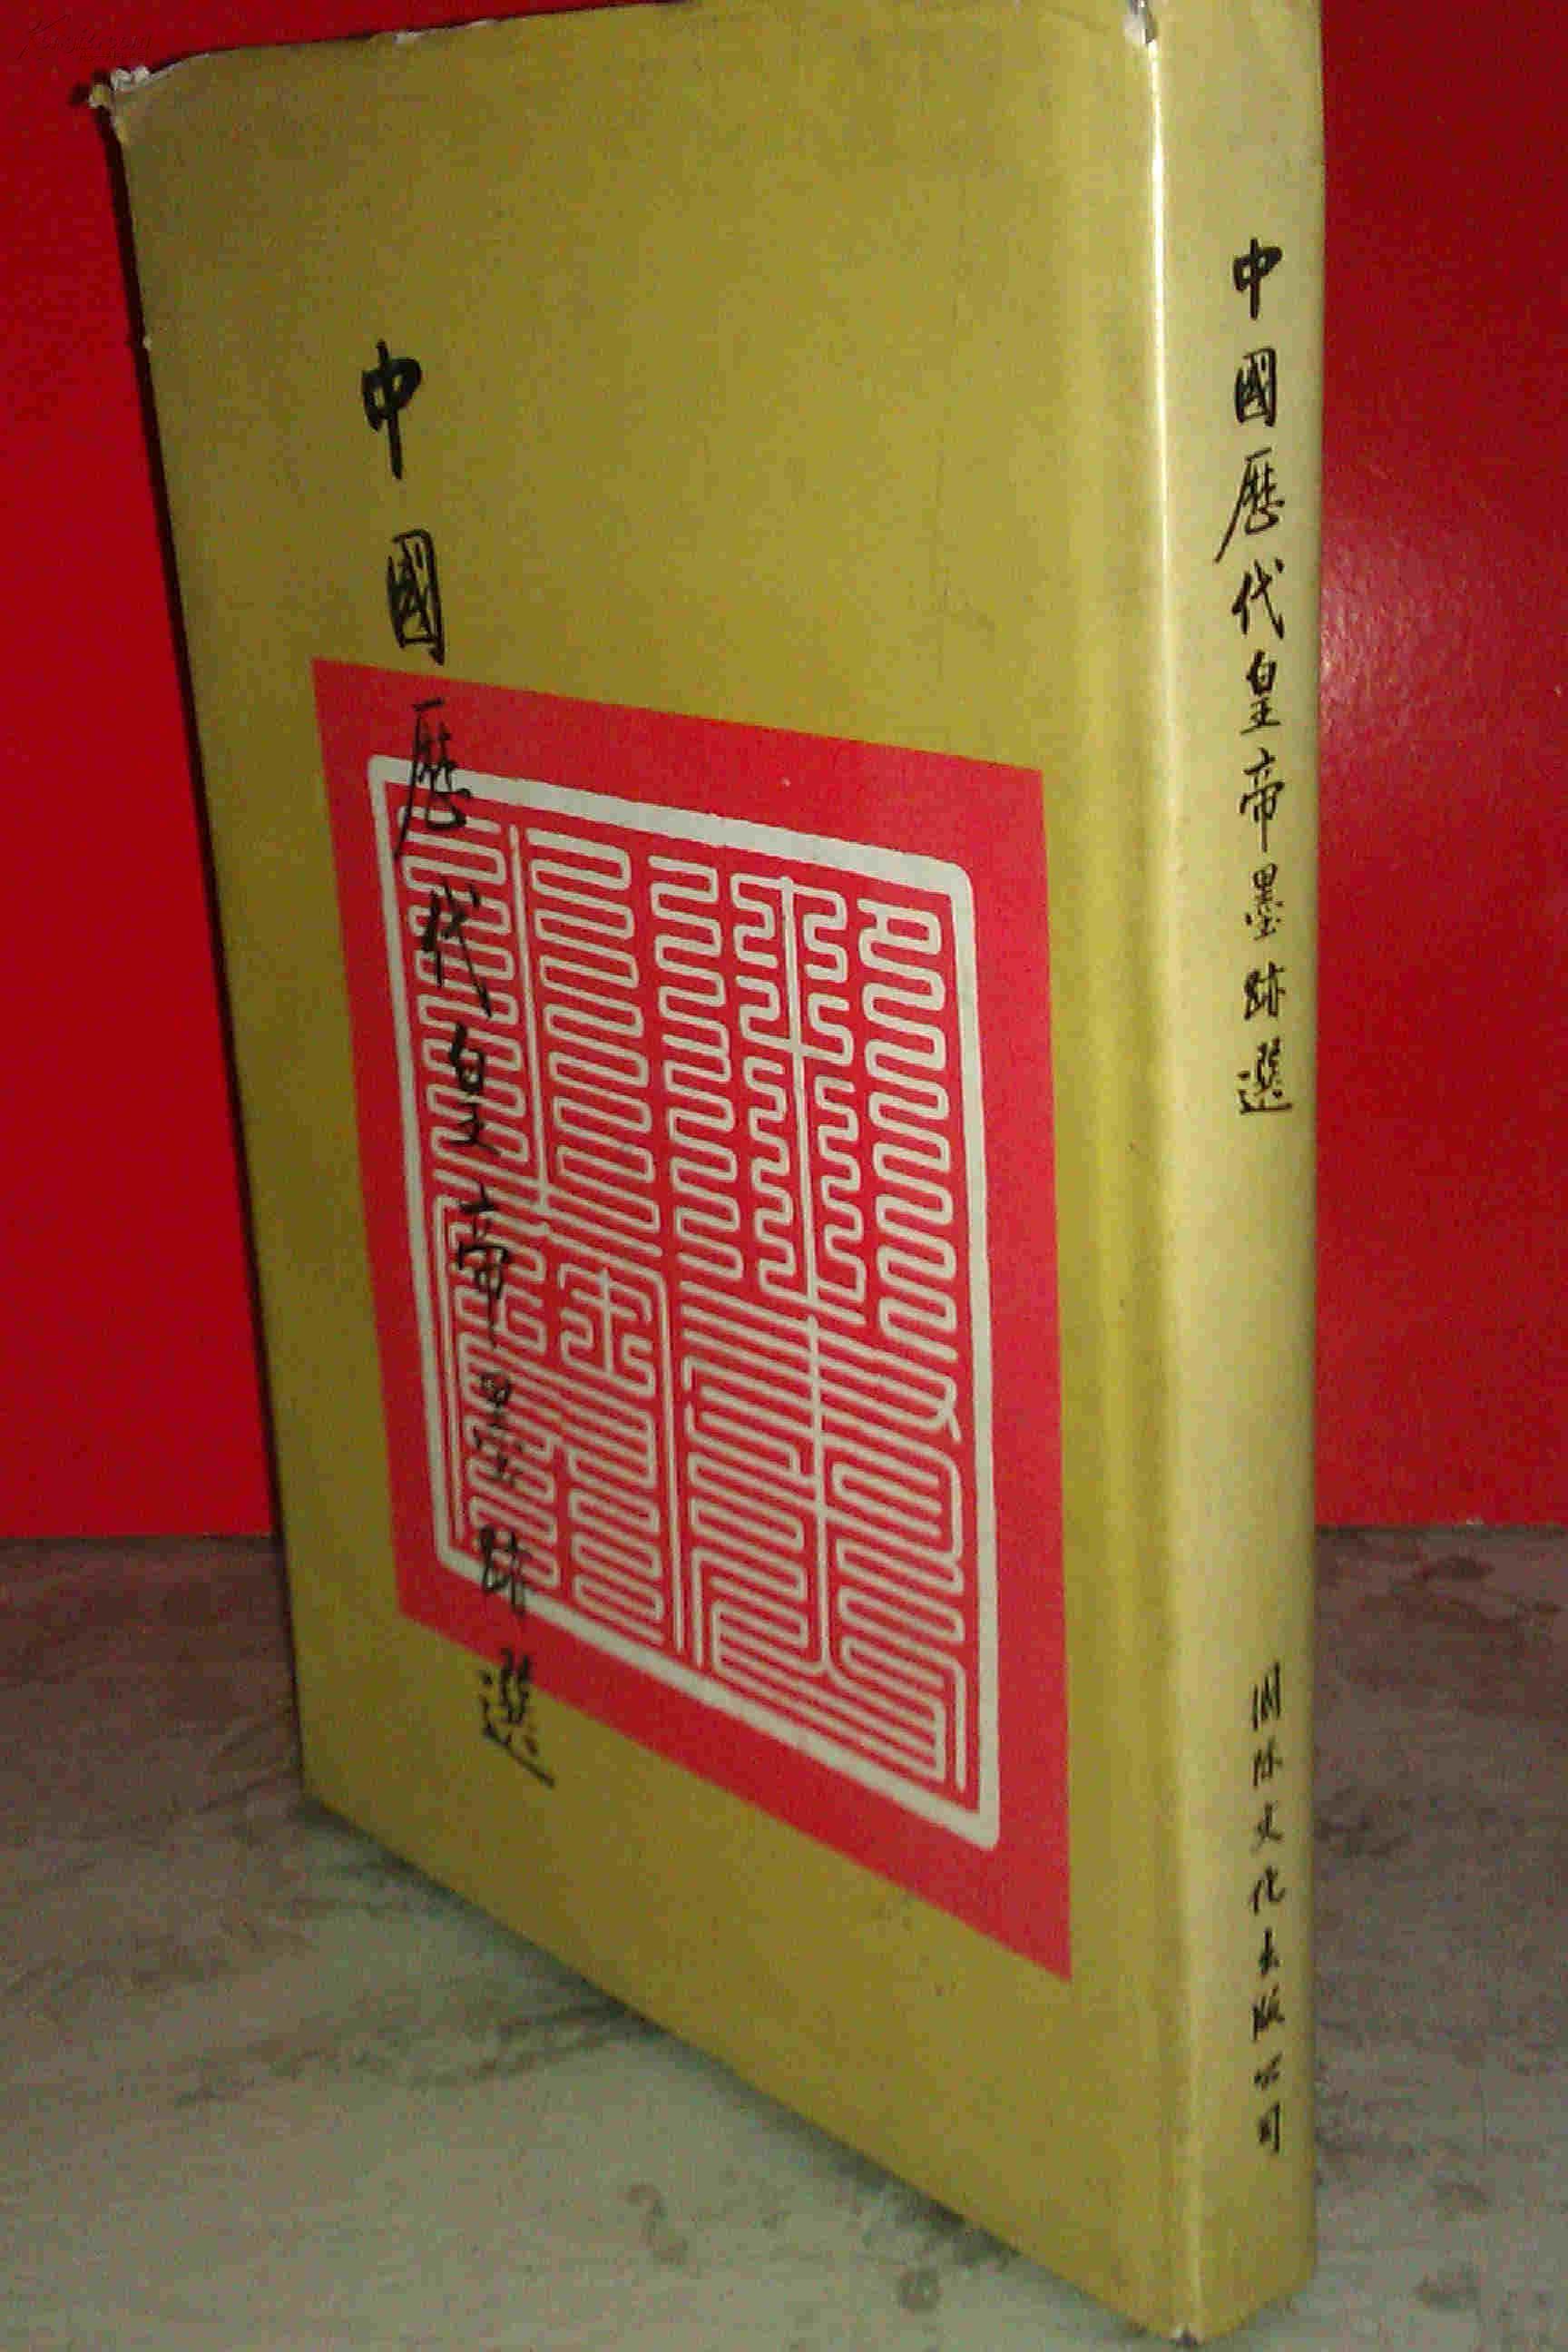 中国历代皇帝墨迹选   硬精装加书衣   私藏未阅近全新   一版一印